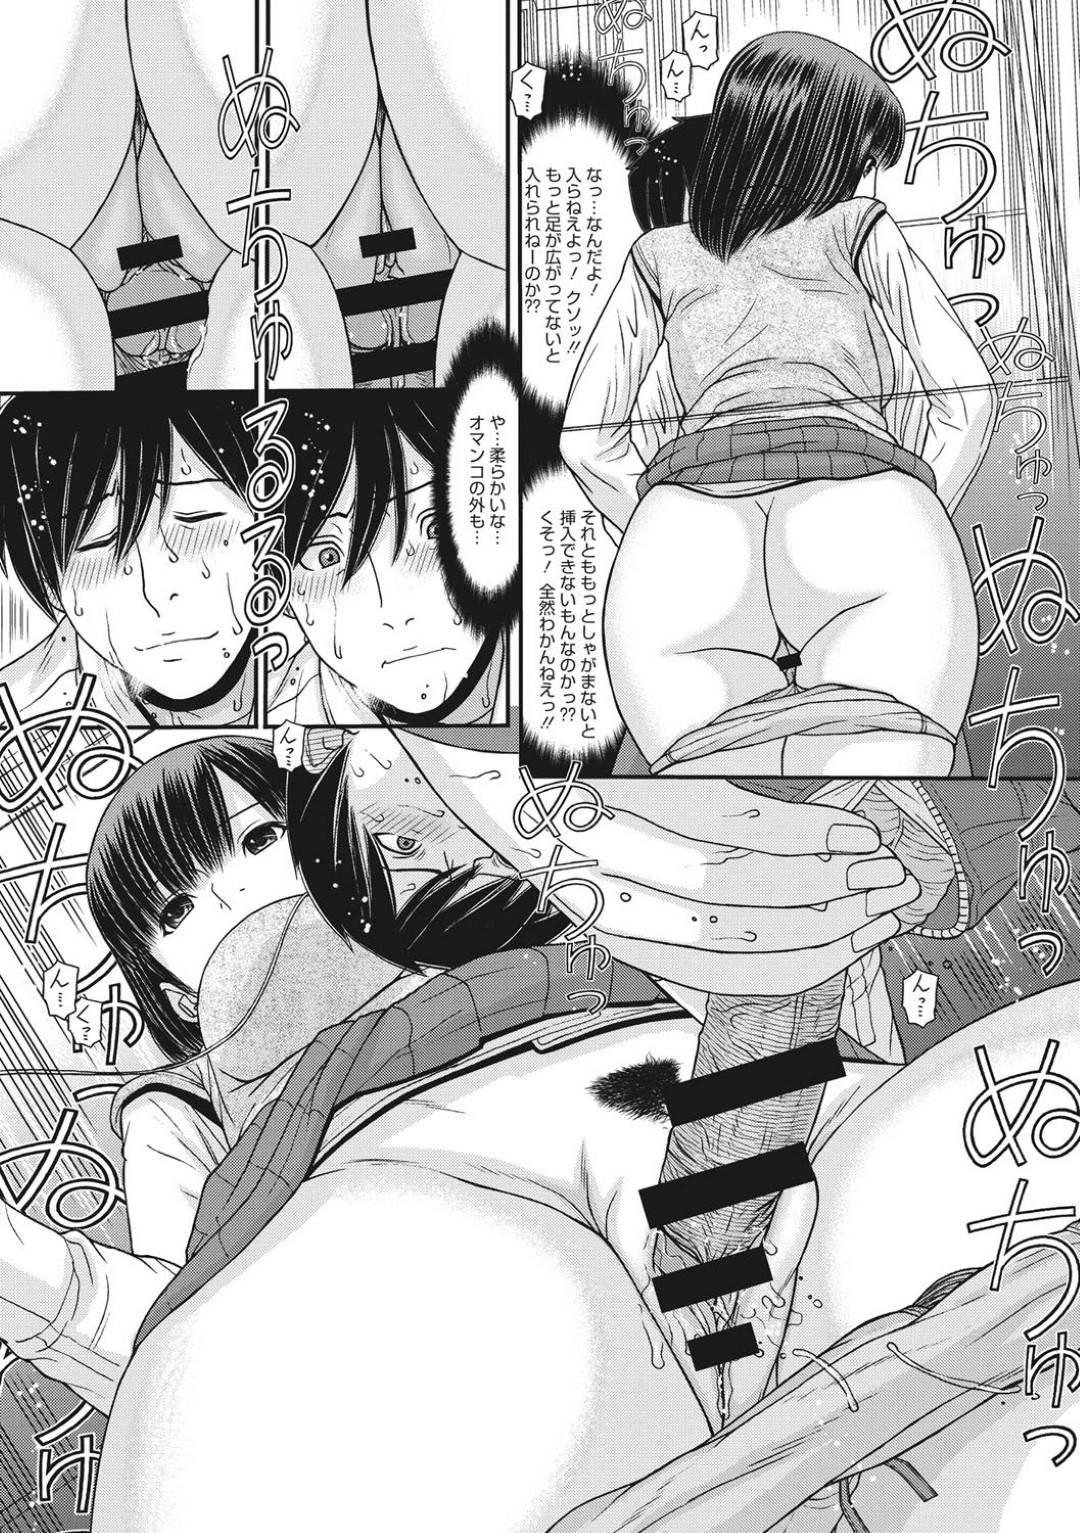 【エロ漫画】特殊能力を持った主人公に時間を停止させられてしまった巨乳清楚系JK…時間を止められている間、彼女は好き放題に尻を揉まれたり手マンされたりし、素股でぶっかけられる。【田中エキス:トキトメキ】